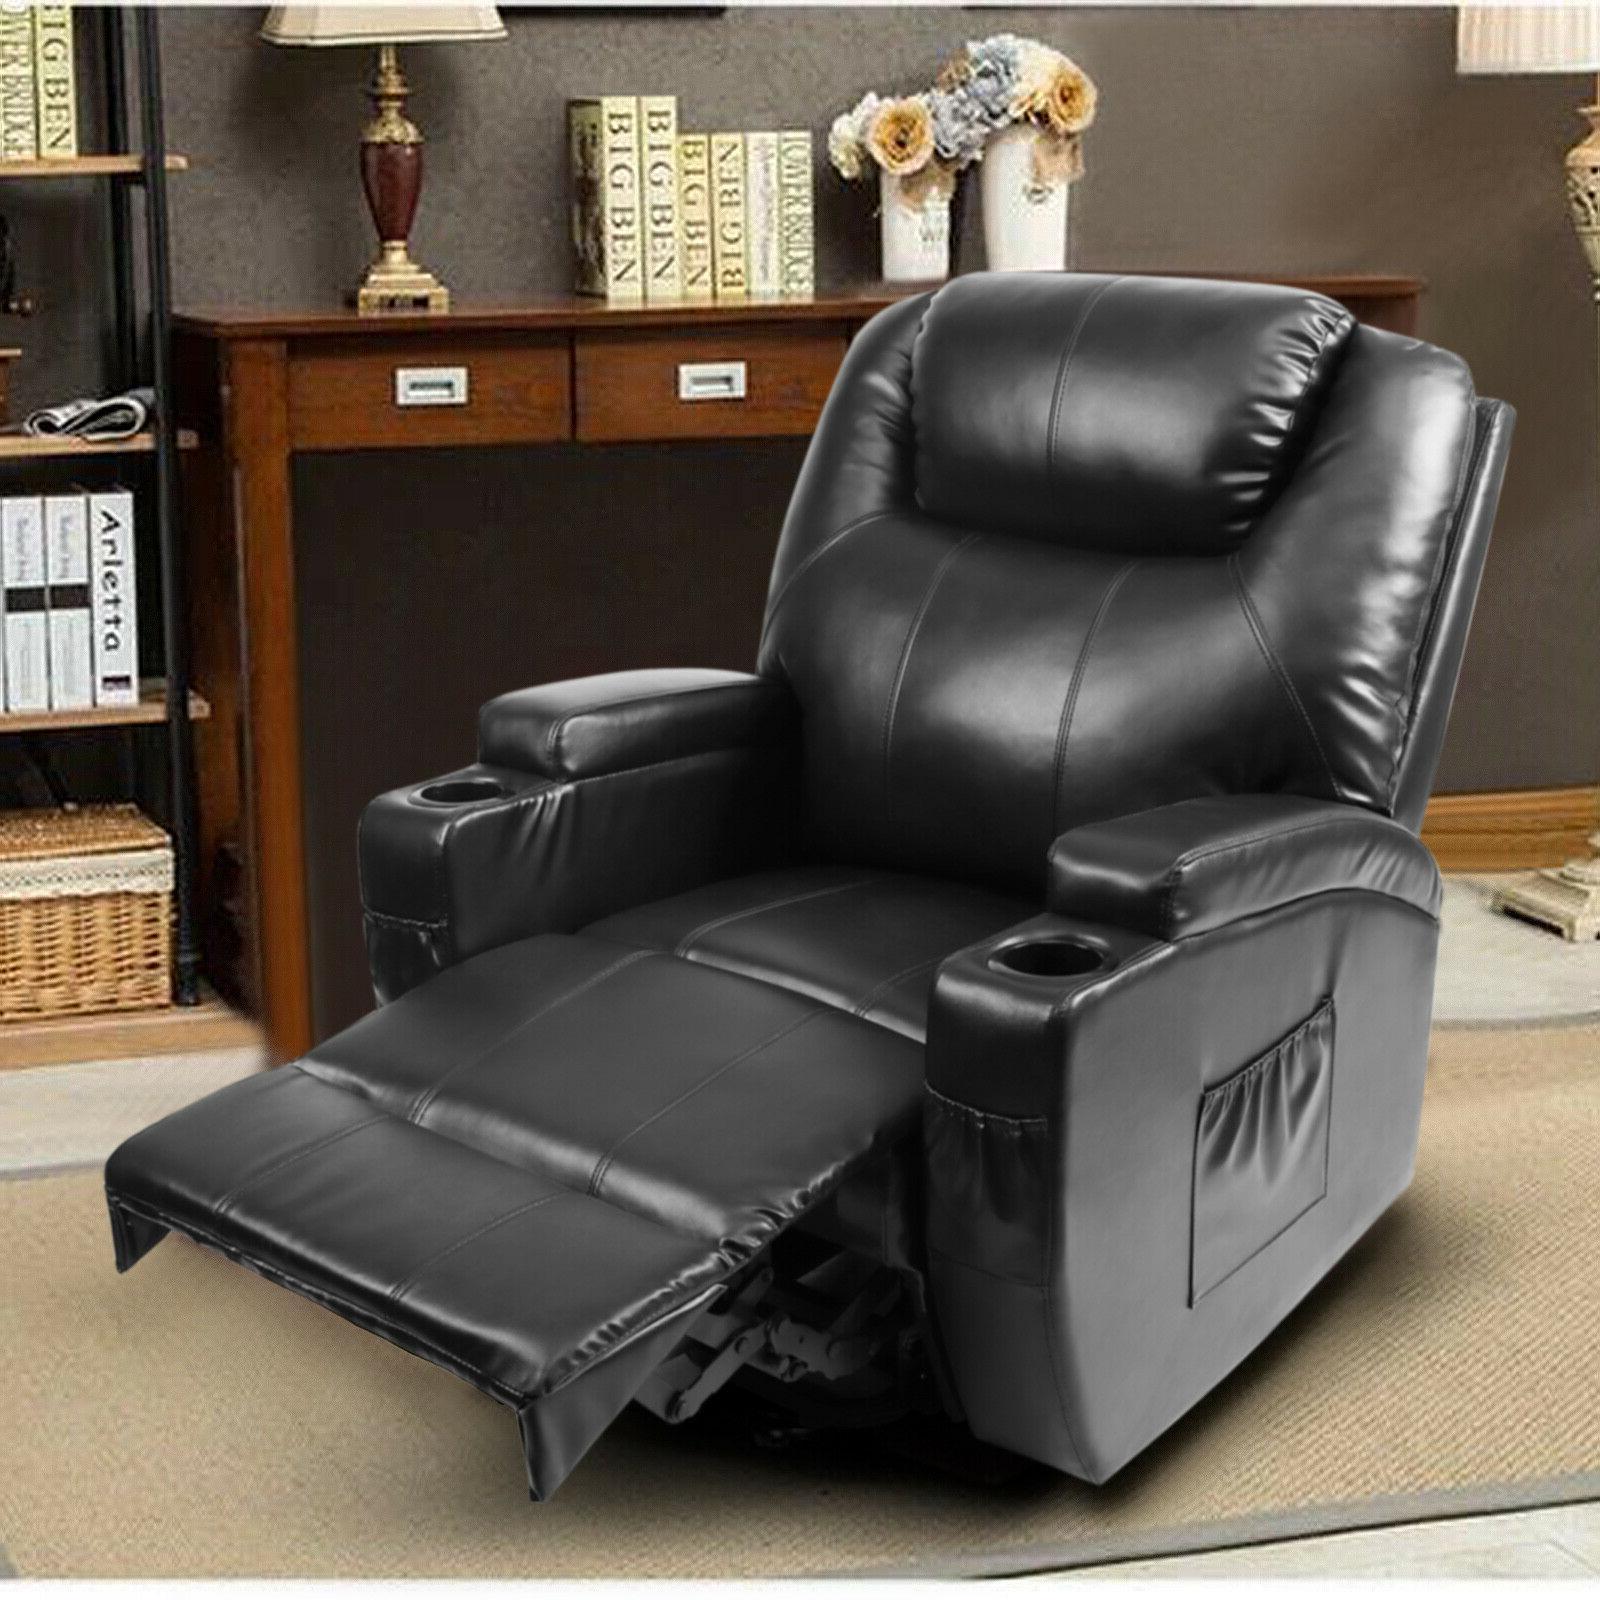 Multifunction Chair 8 Zero Gravity